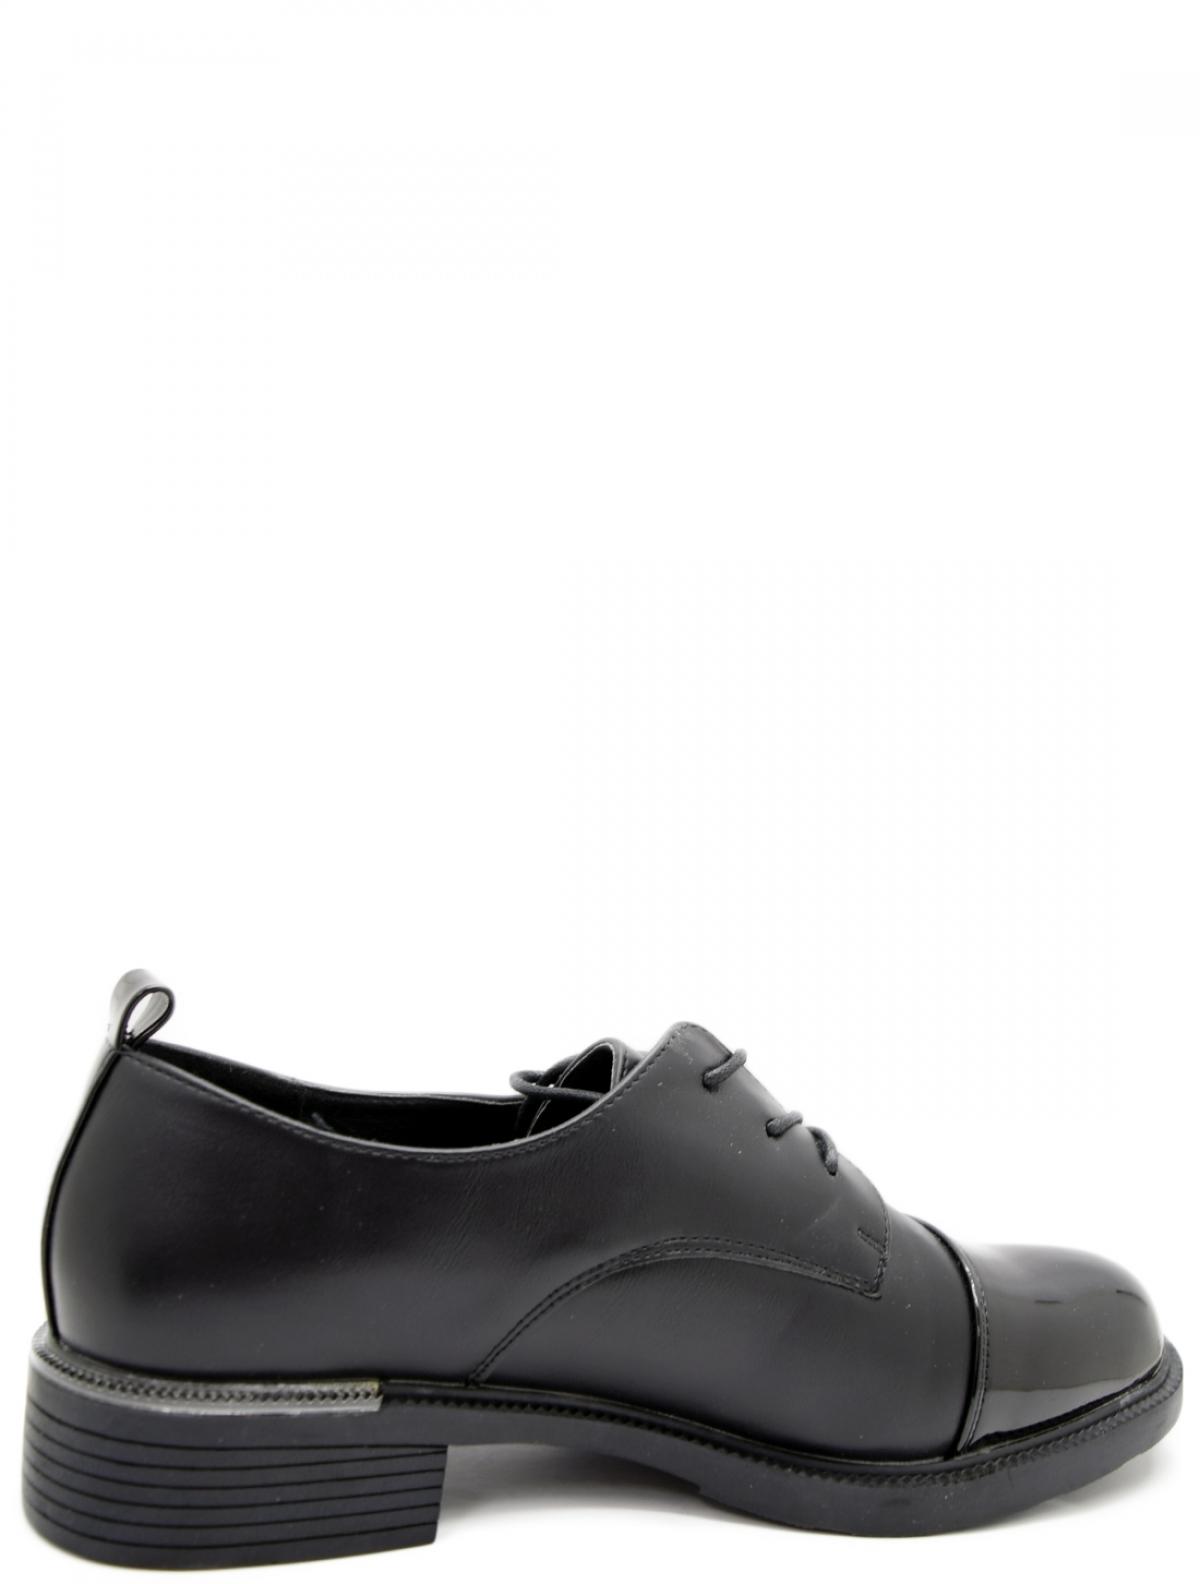 Fassen RP016-010 женские п/ботинки